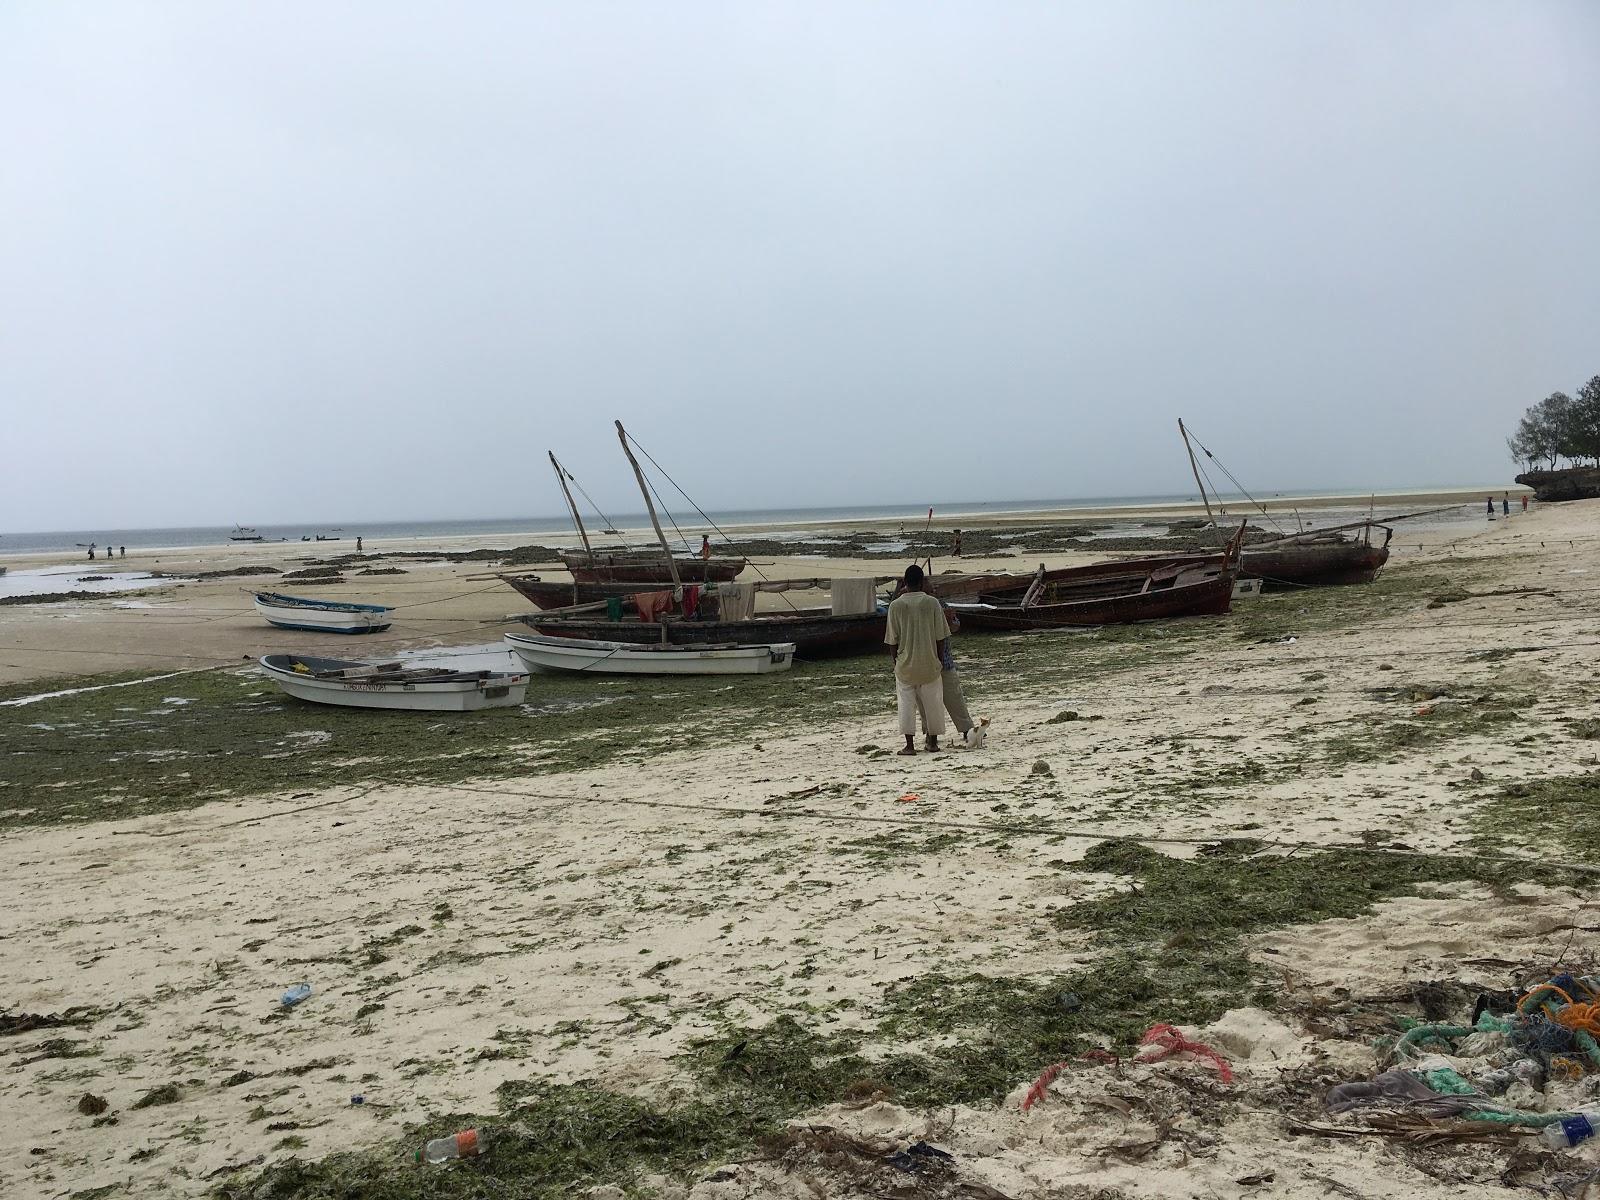 Južné pobrežie Zanzibaru v čase odlivu